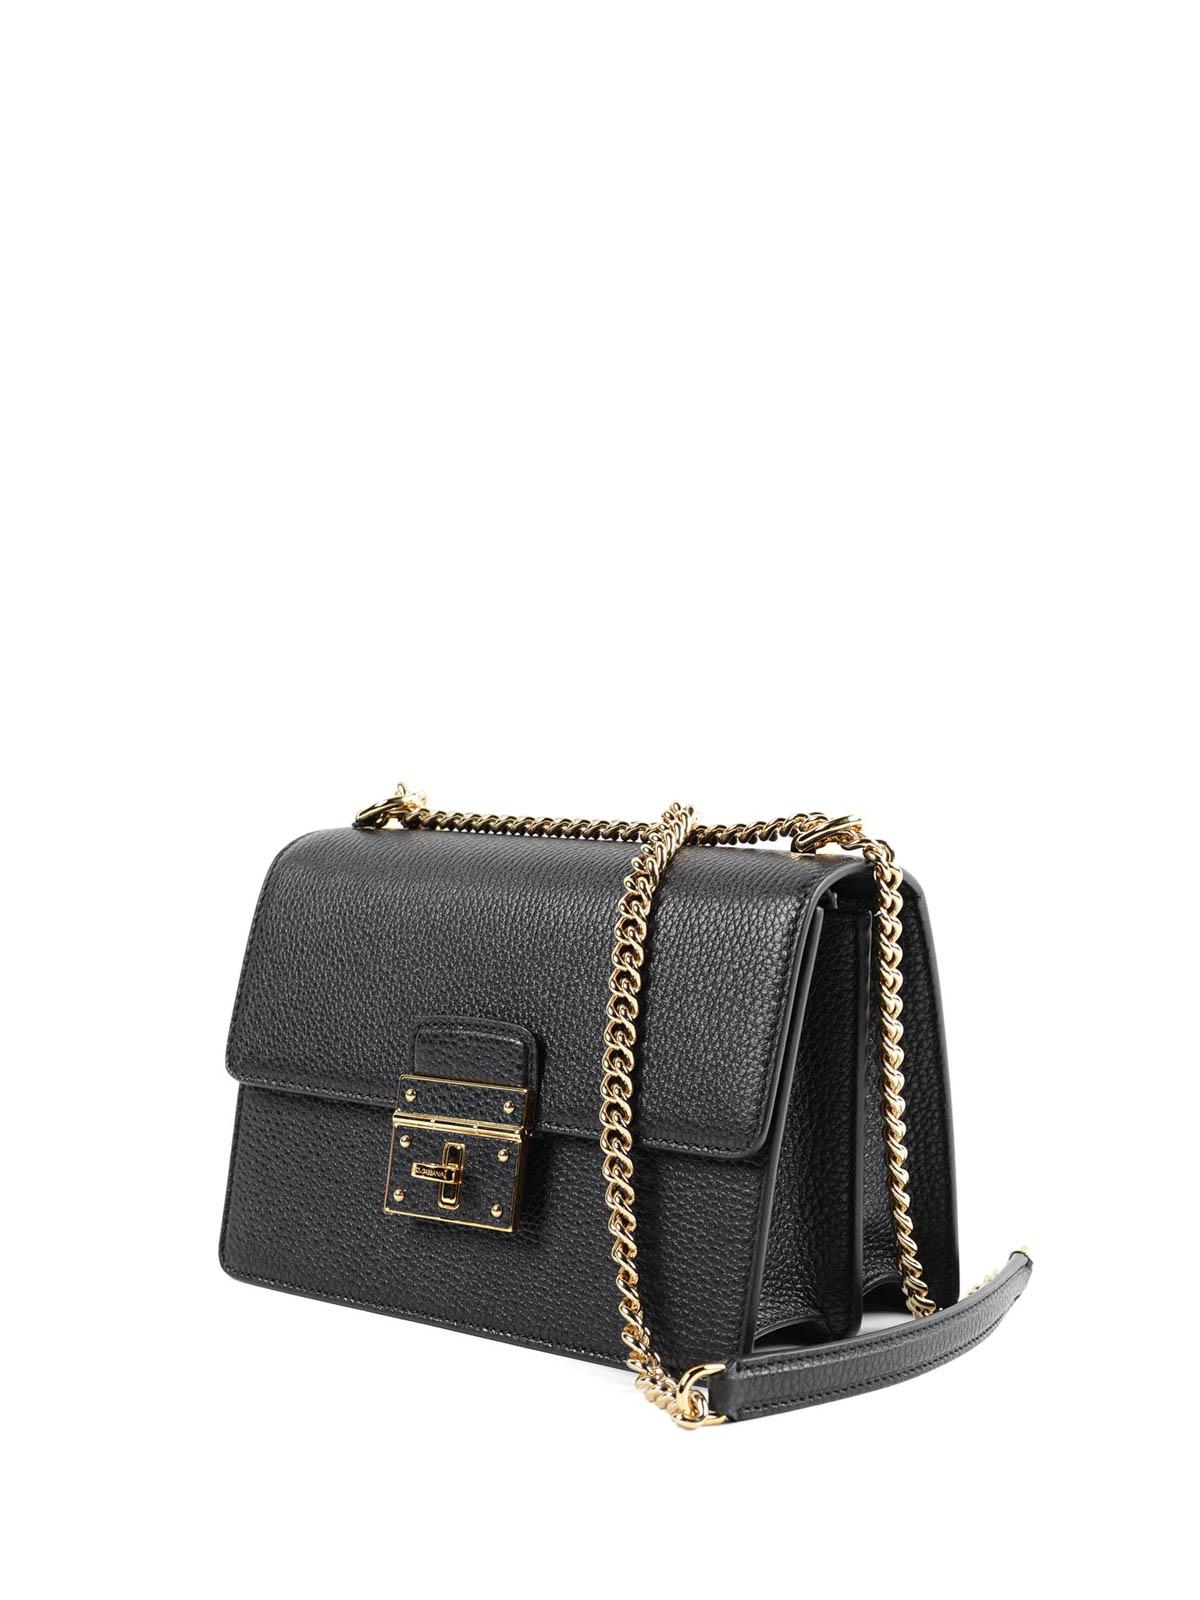 129cc9571f1f DOLCE   GABBANA  shoulder bags online - Rosalia shoulder bag